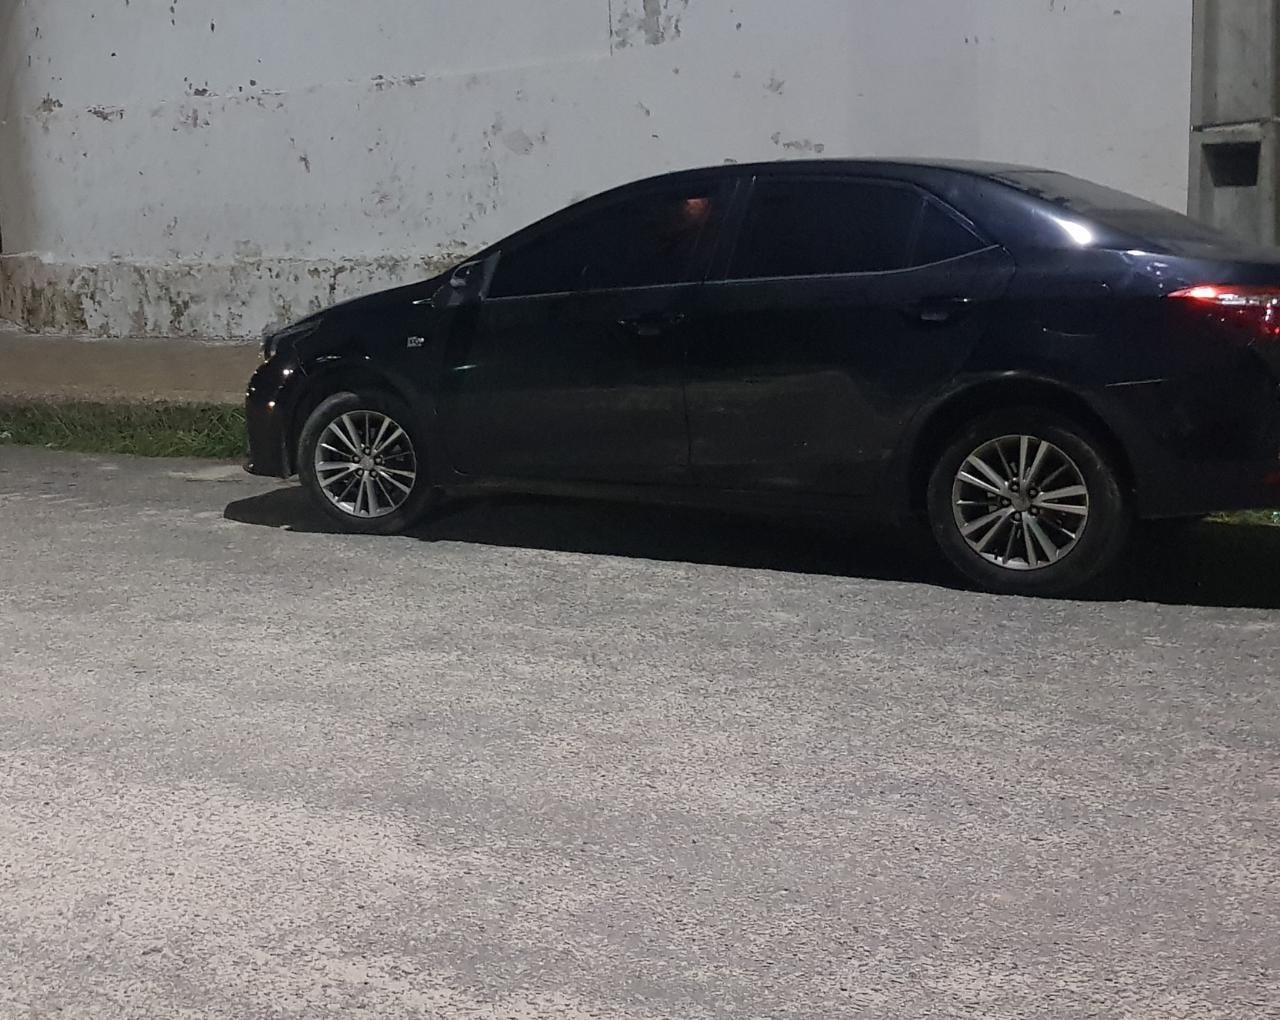 Grupo em veículo roubado é capturado após perseguição em Fortaleza